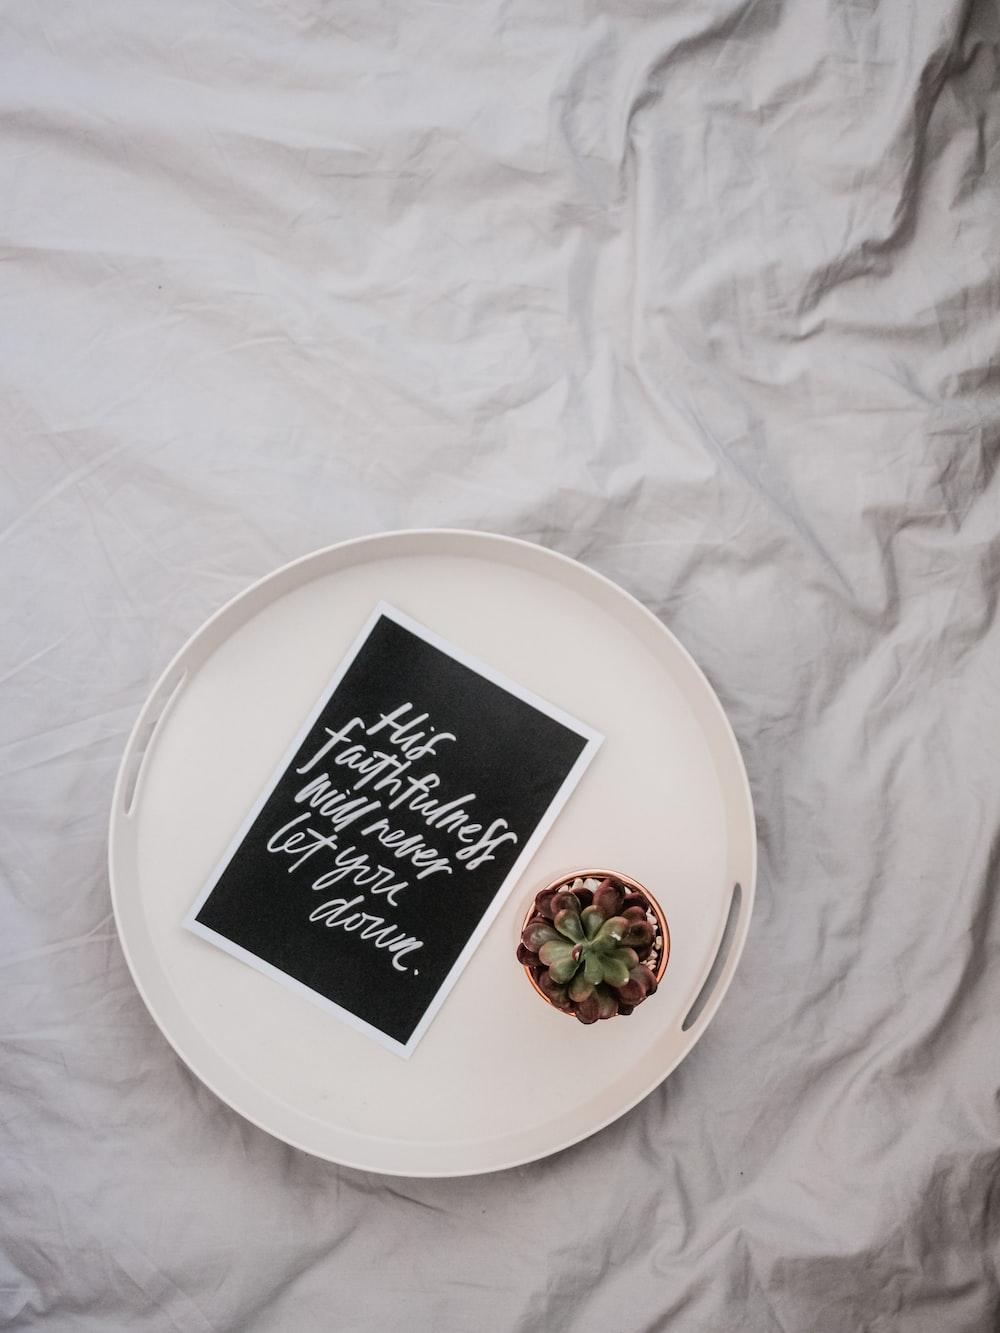 empty round white plate on white textile